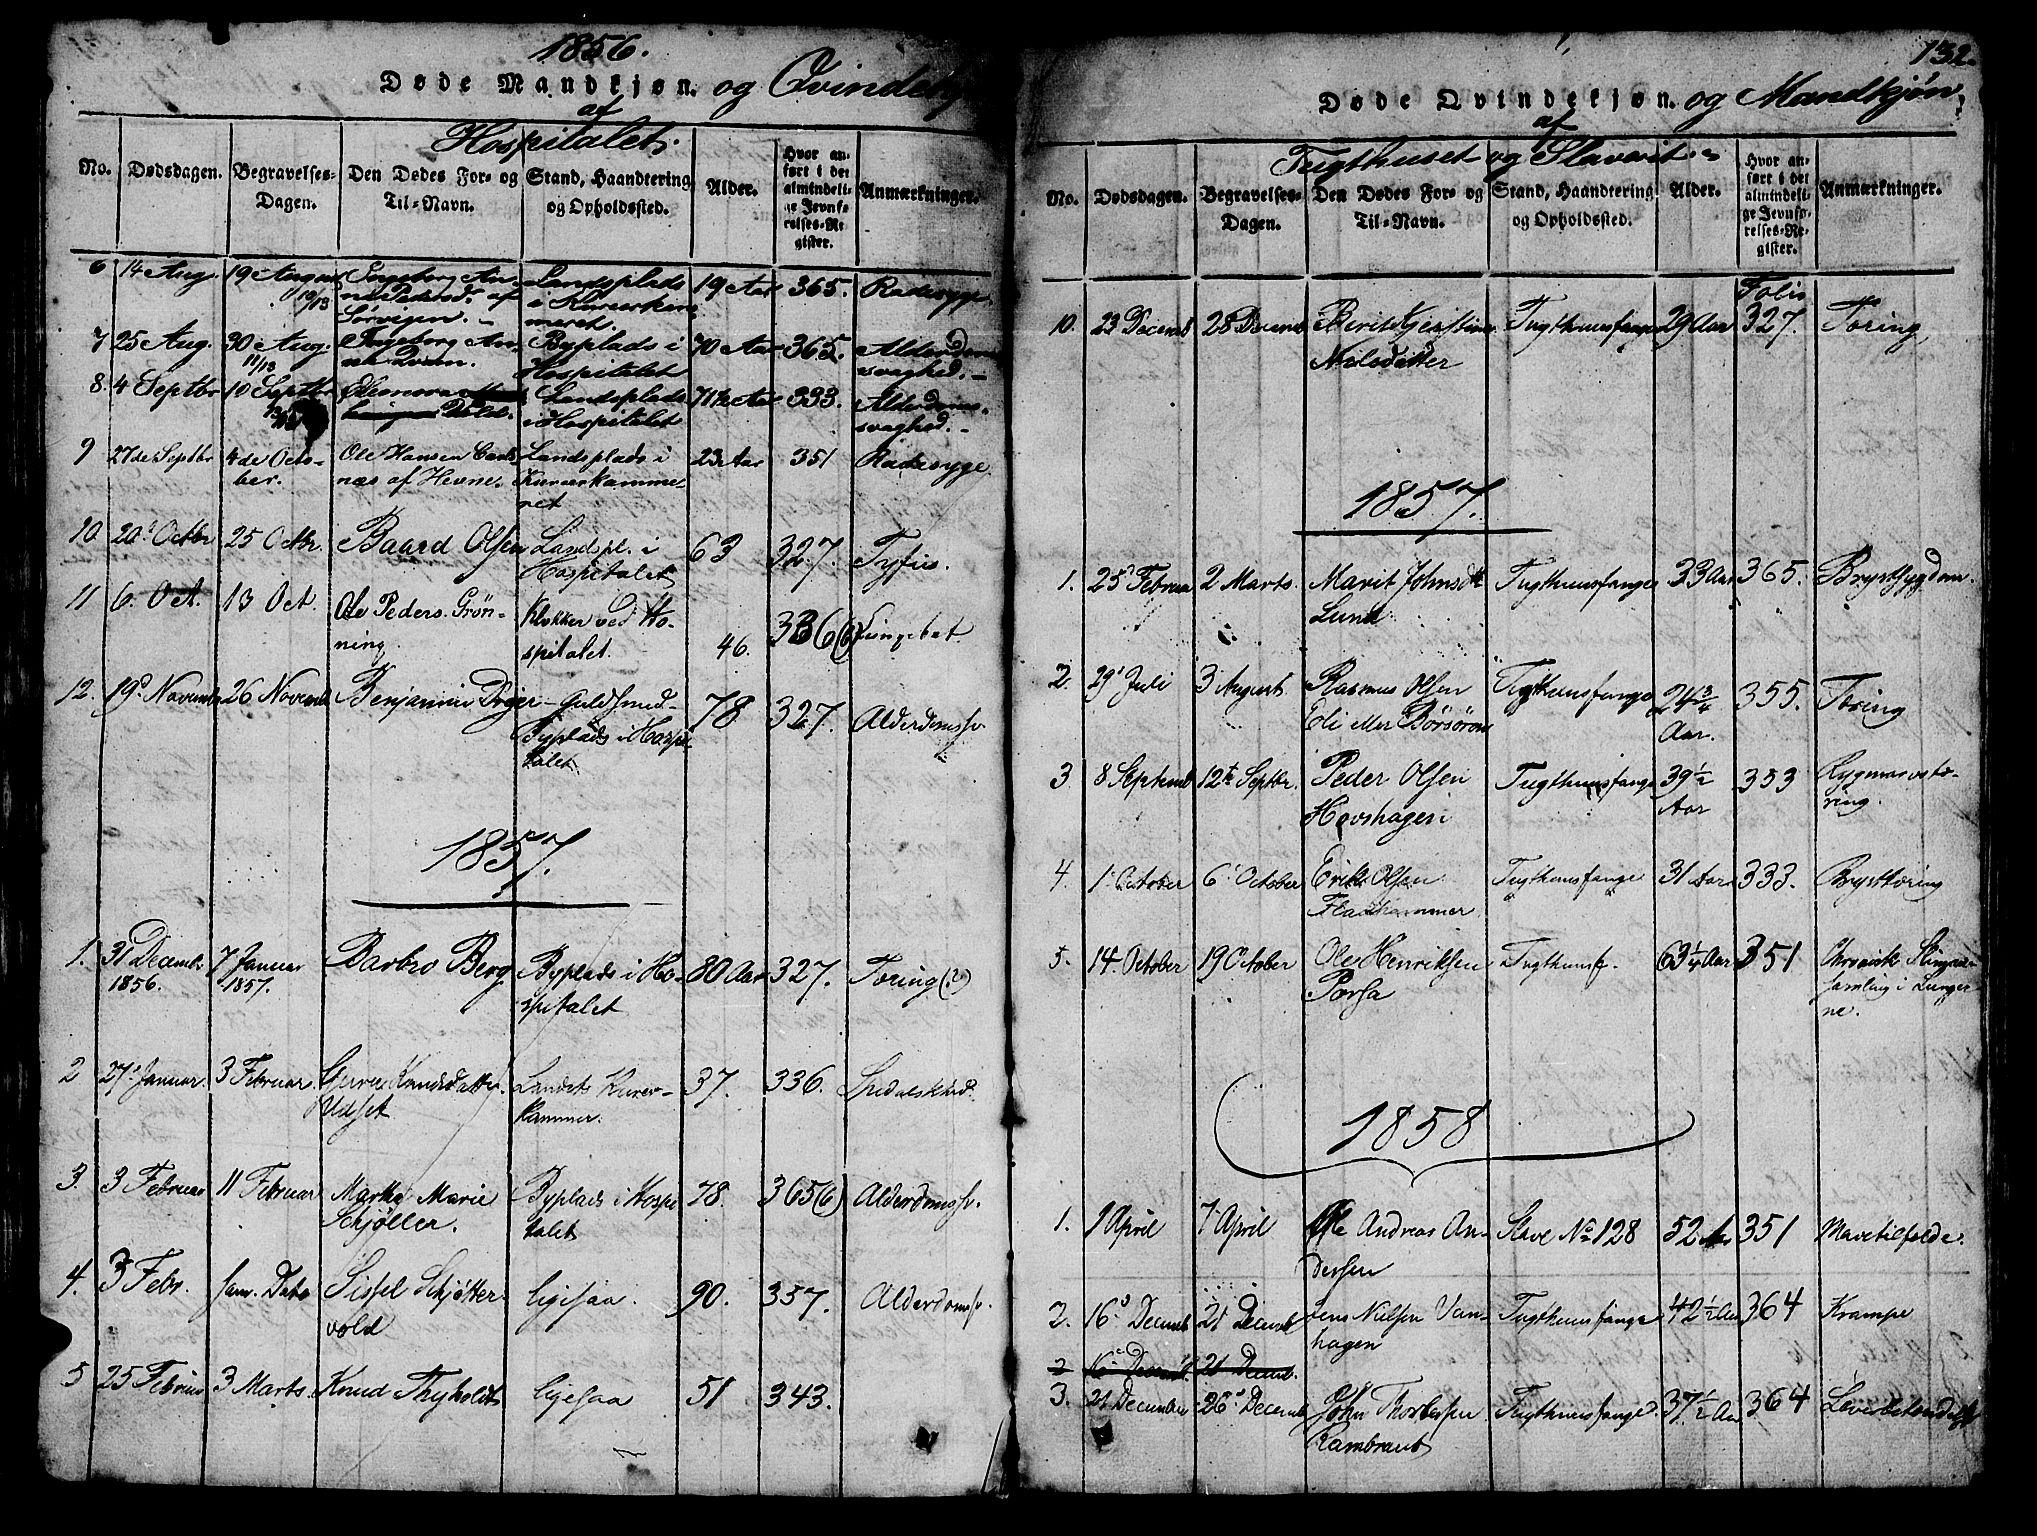 SAT, Ministerialprotokoller, klokkerbøker og fødselsregistre - Sør-Trøndelag, 623/L0478: Klokkerbok nr. 623C01, 1815-1873, s. 132